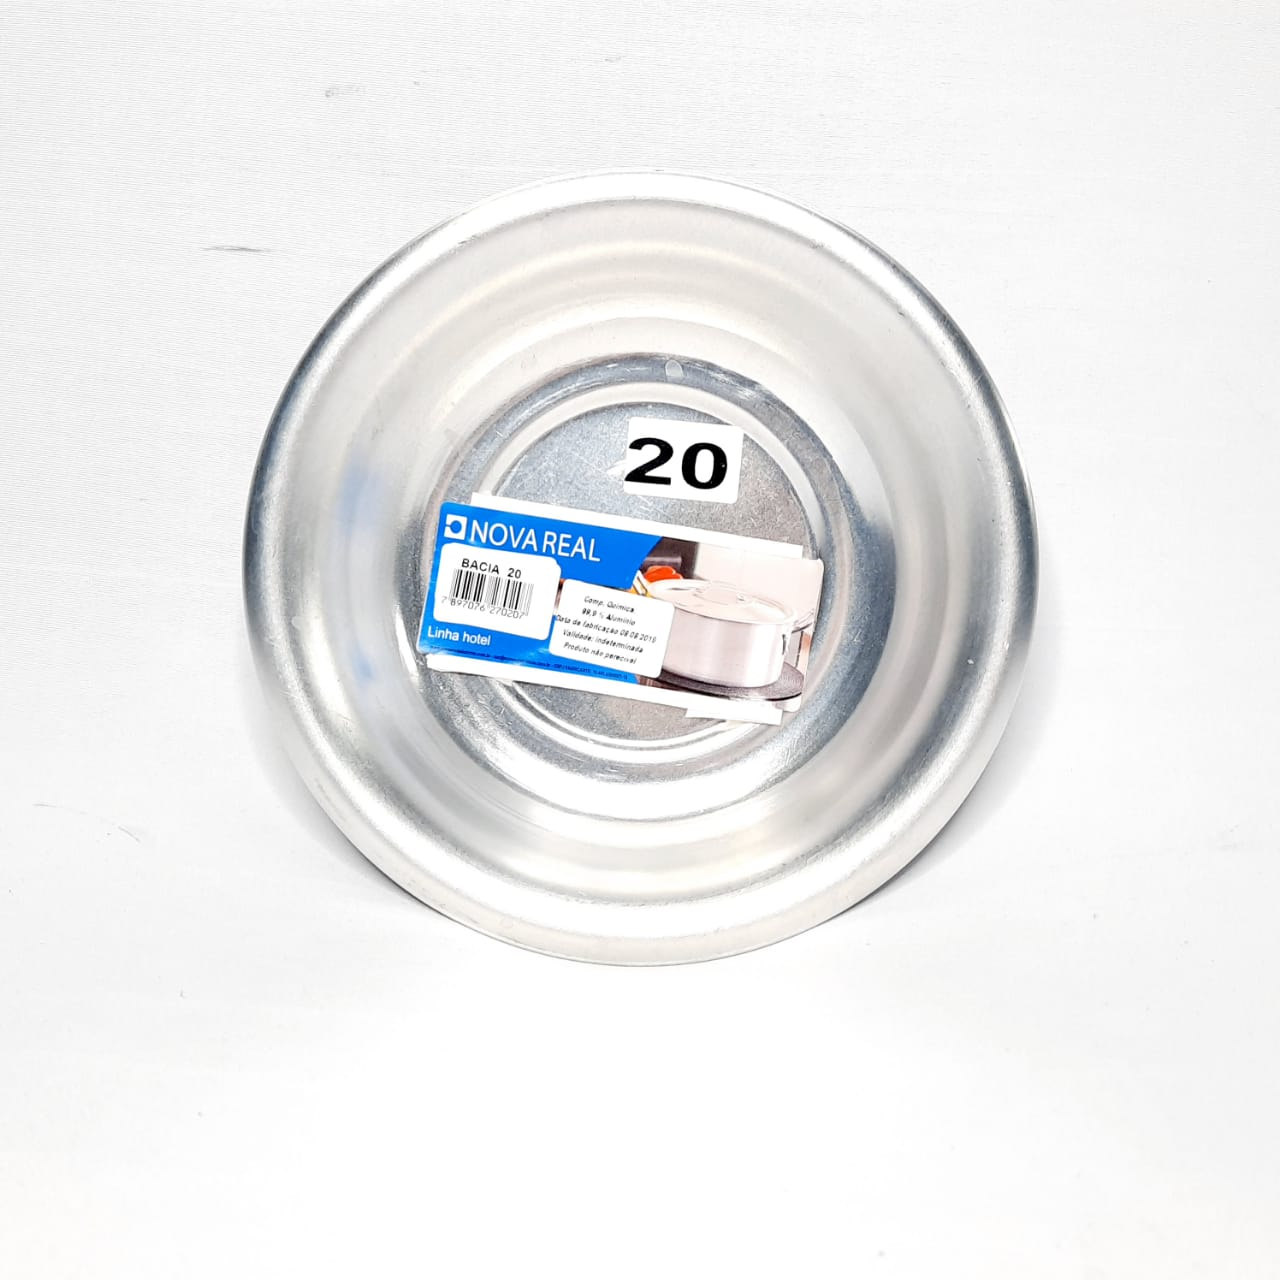 Bacia de Alumínio N 20 Real